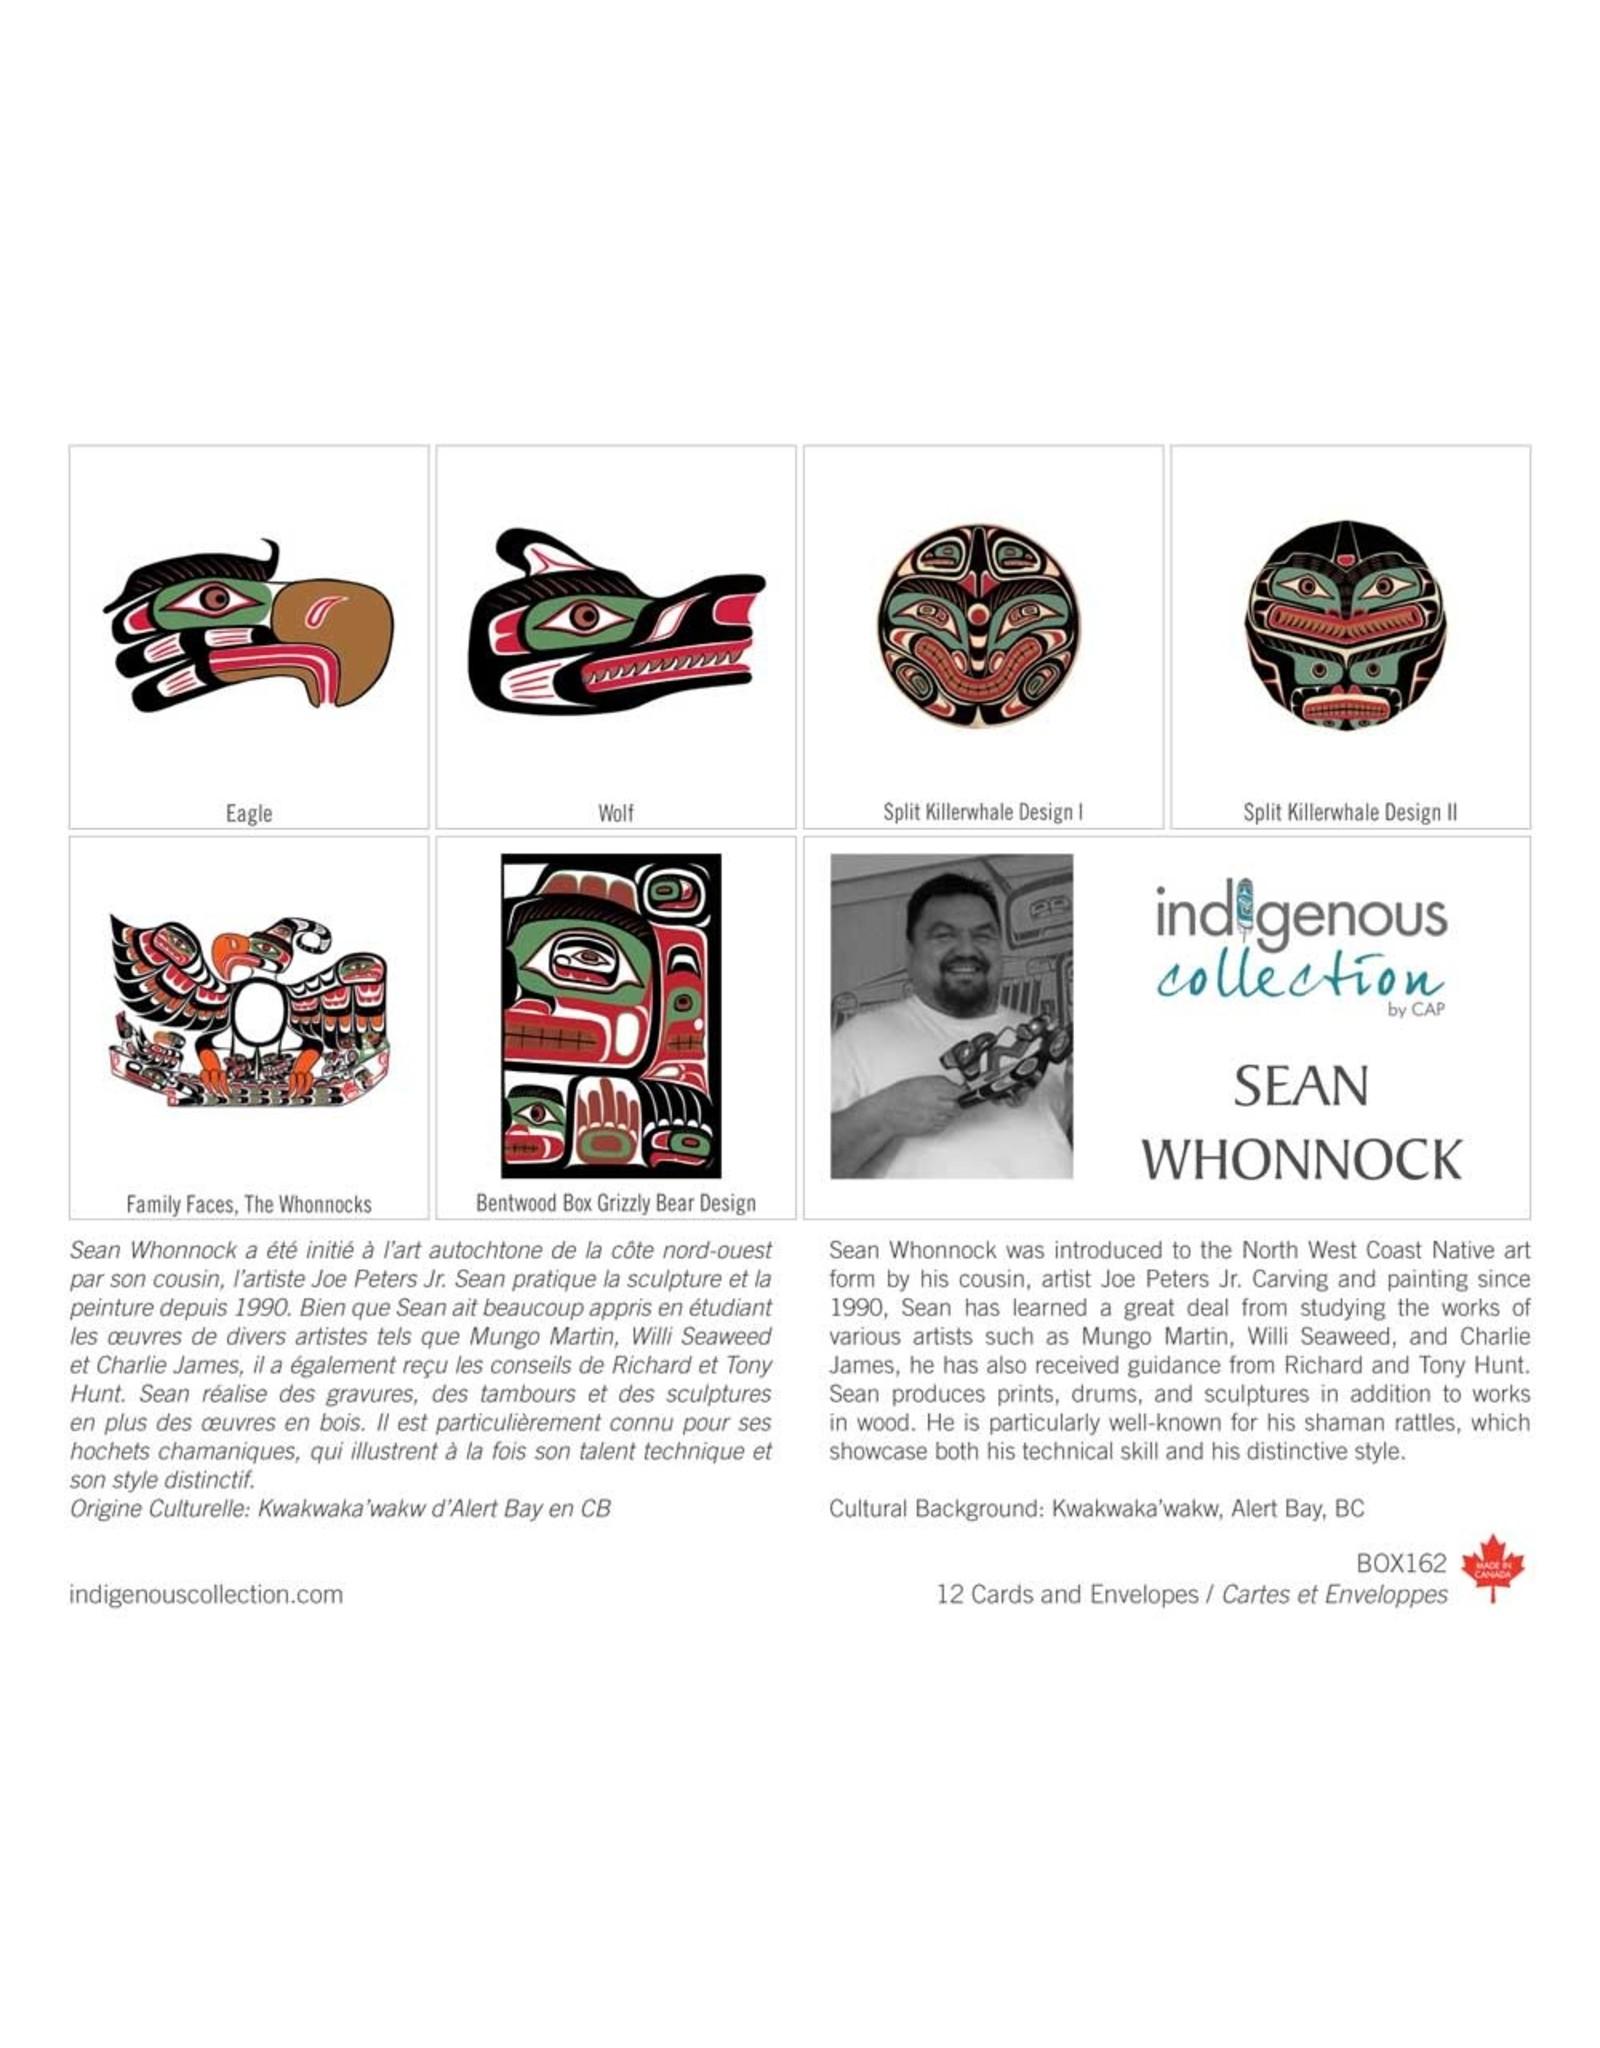 Sean Whonnock 12 Card Box - Box 162